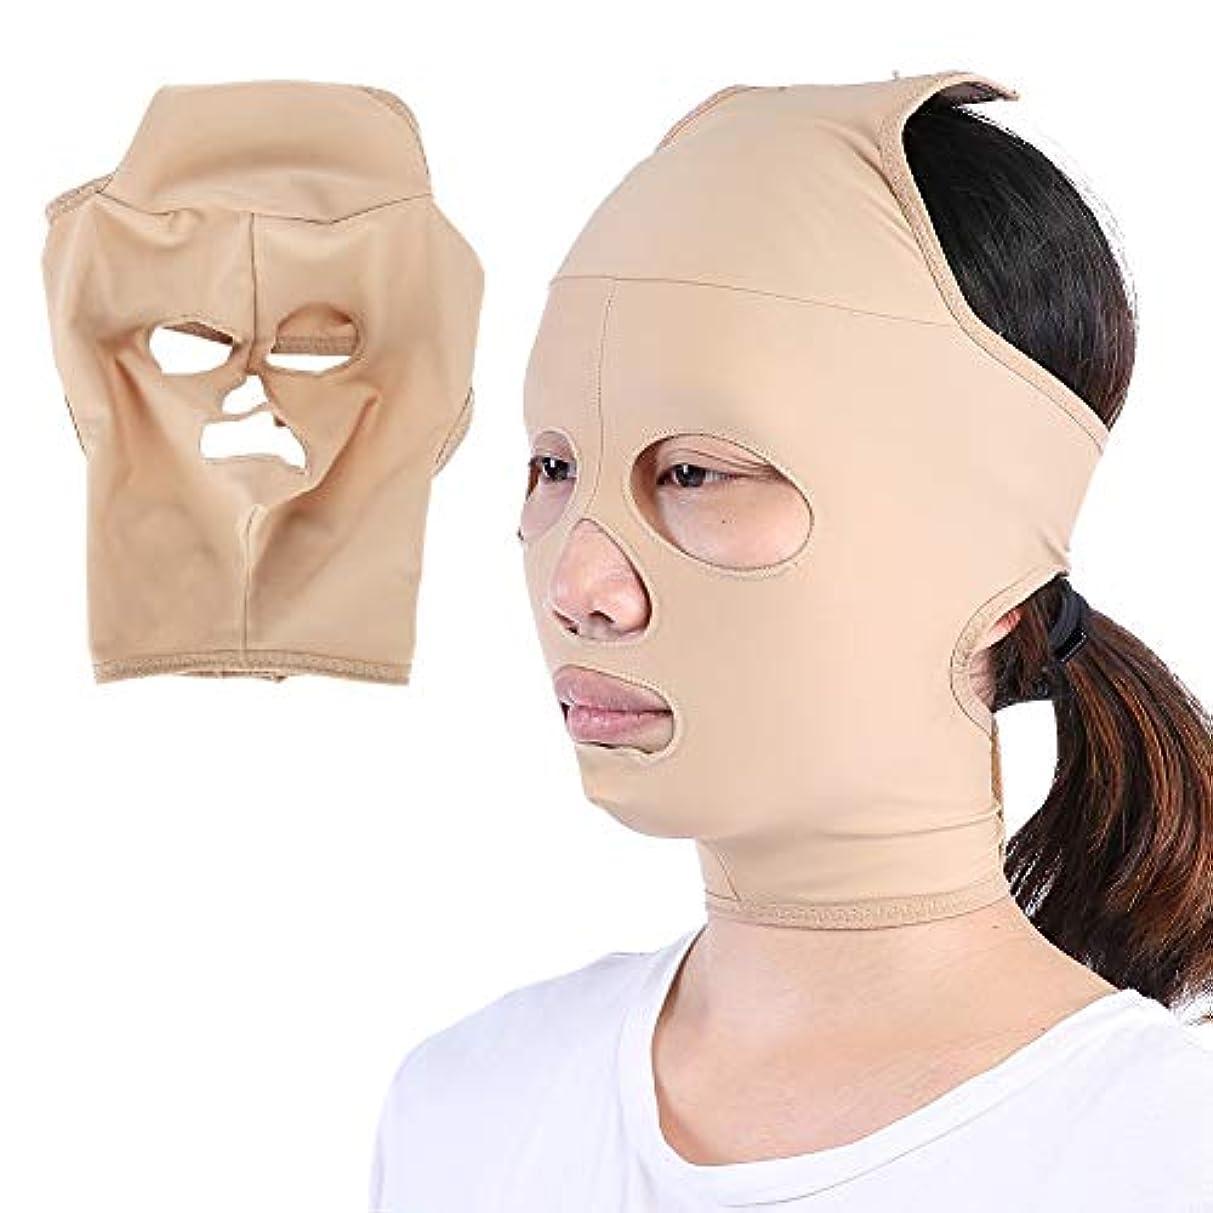 おしゃれなロデオ感度顔の减量のベルト、完全なカバレッジ 顔のVラインを向上させる 二重顎を減らす二重顎、スキンケア包帯(M)